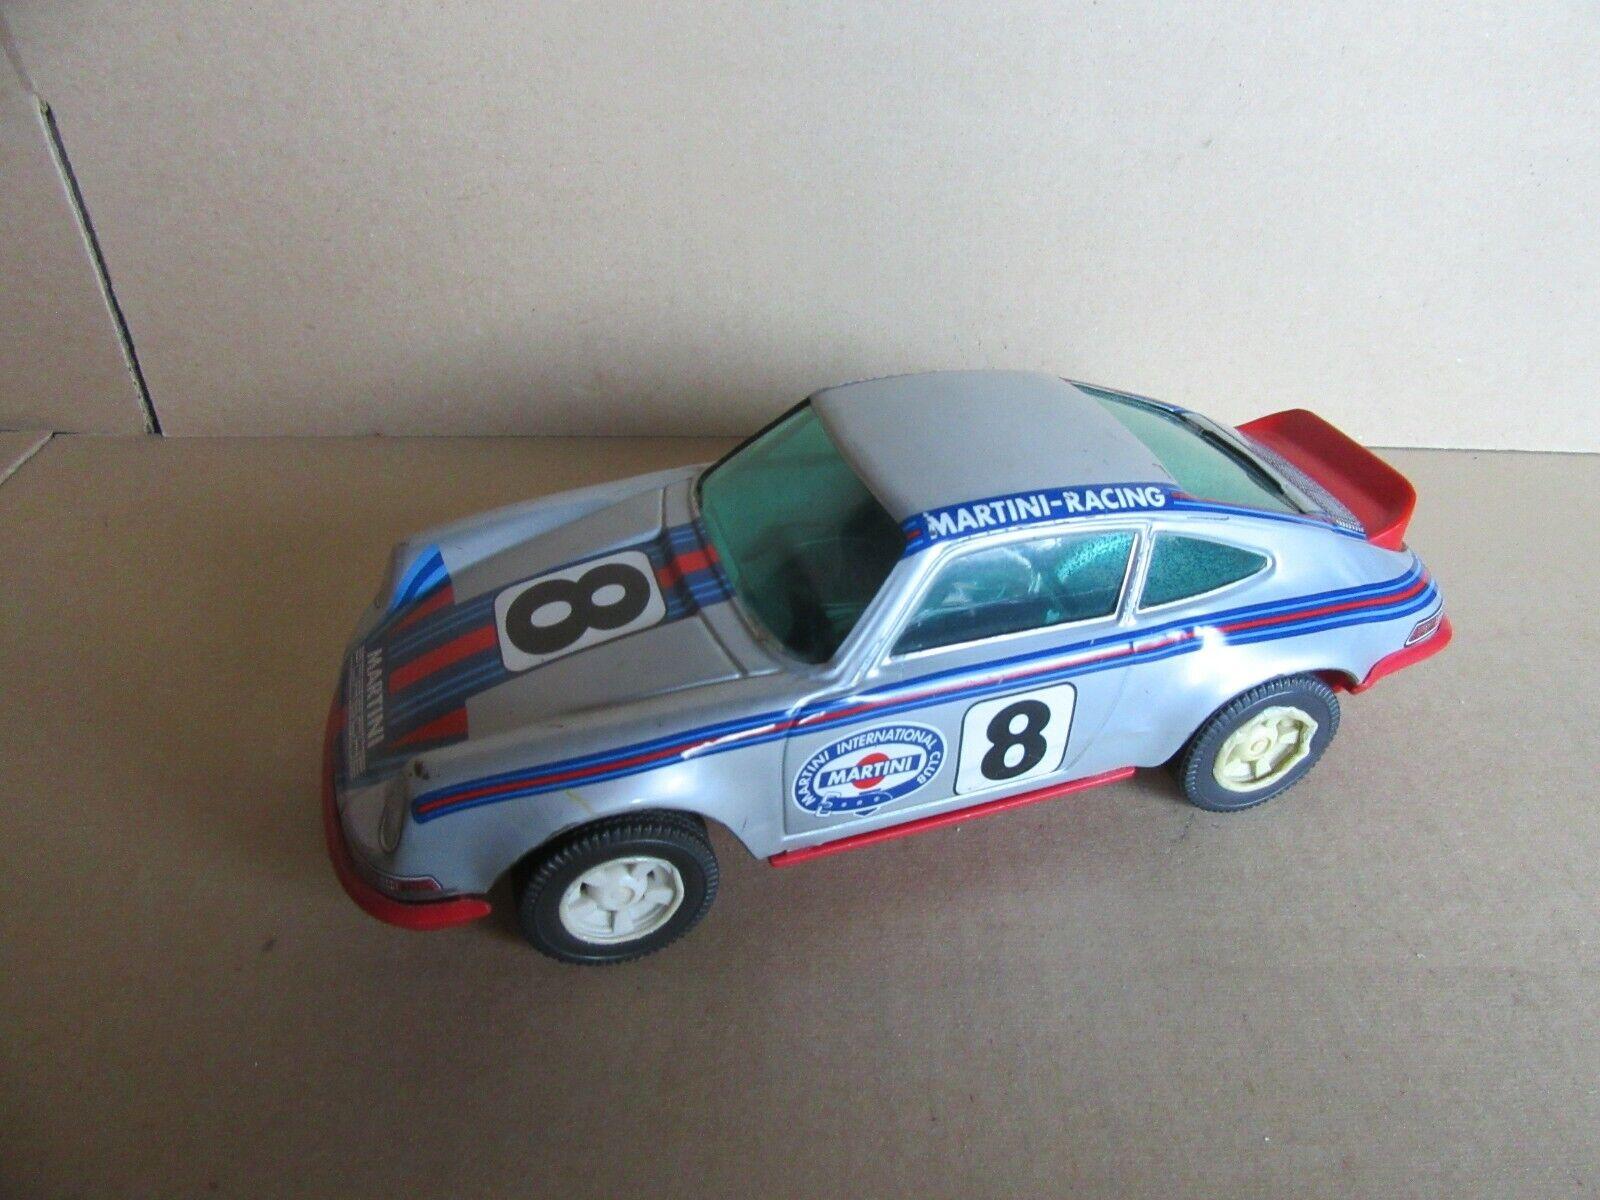 168I Joustra fricción Porsche Carrera RS Martini Carreras L 25 cm